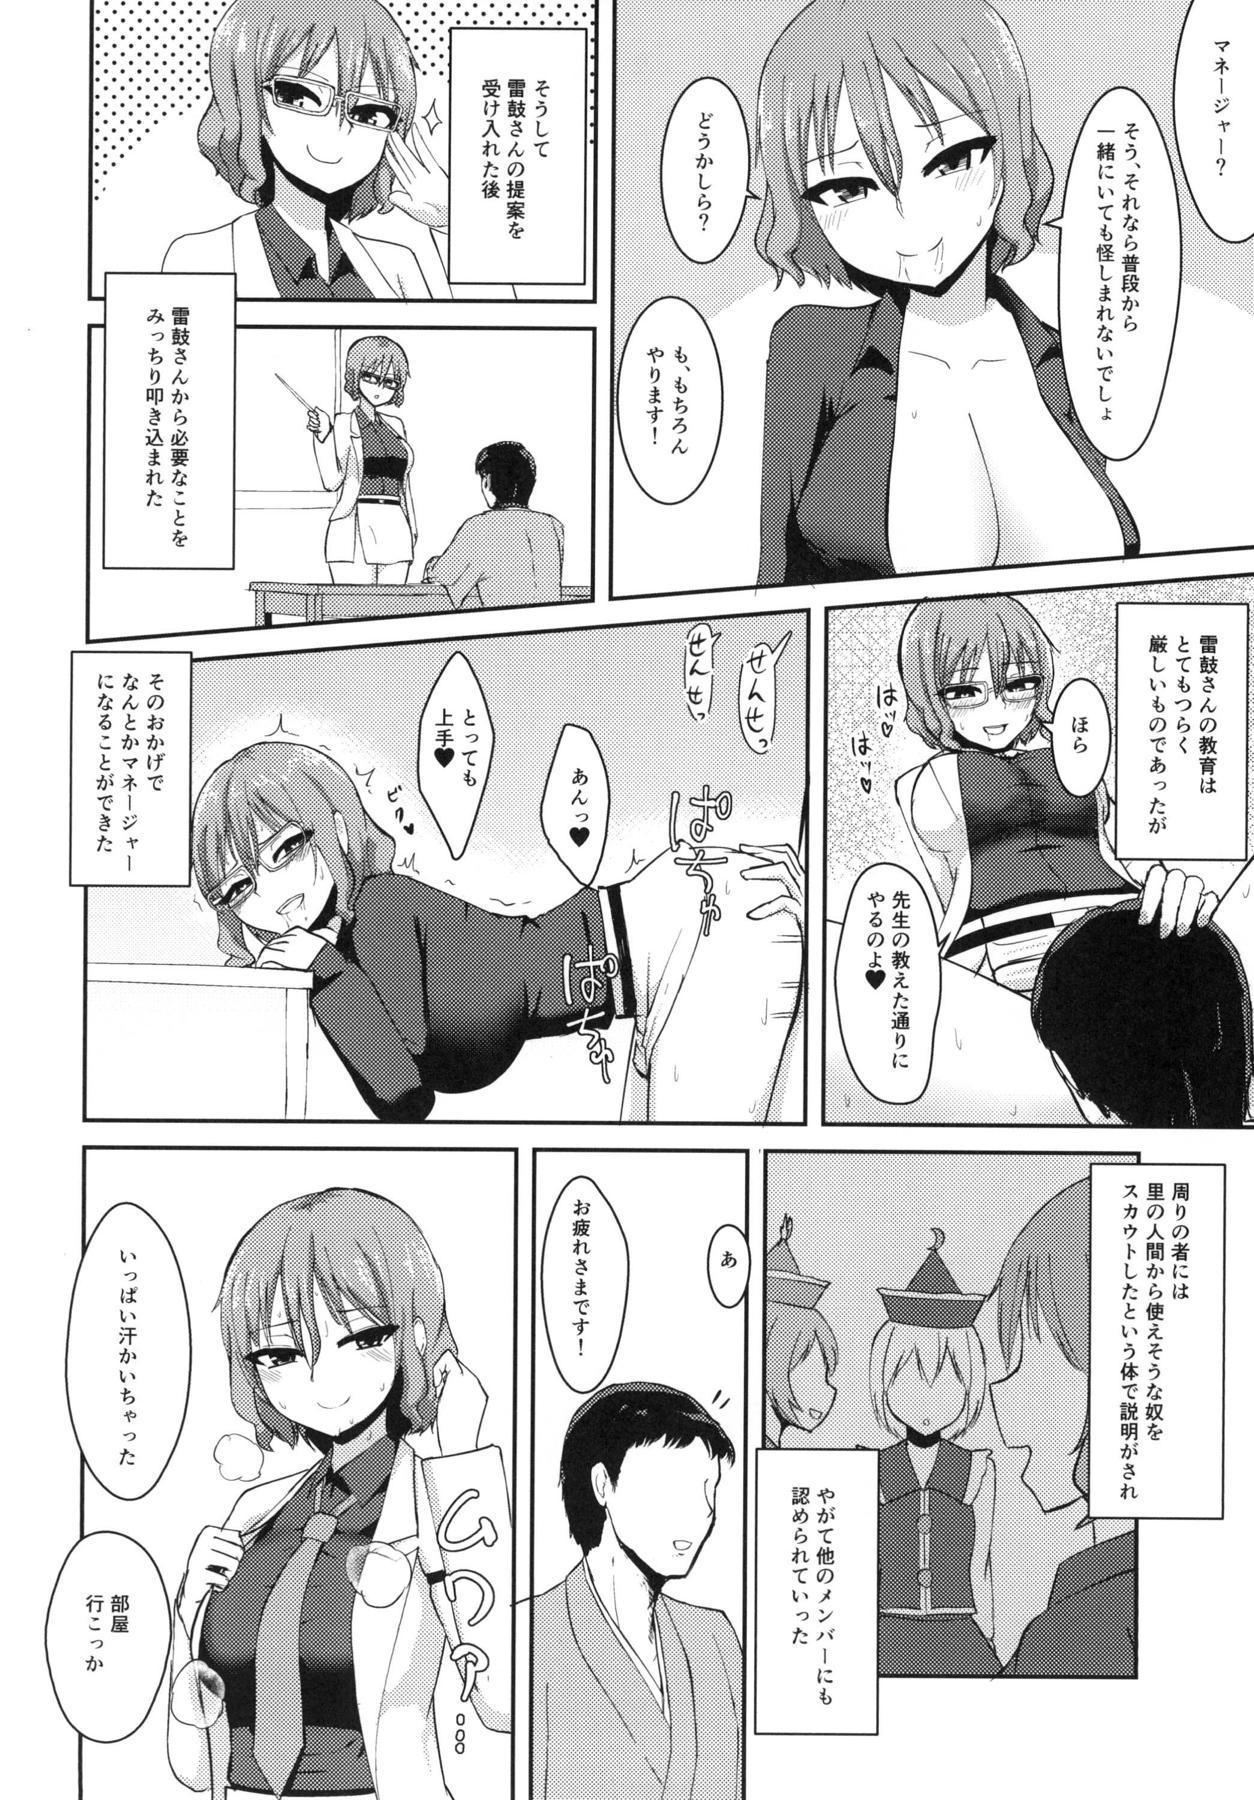 Hentai Raiko-san no Sukebe na Himitsu 10